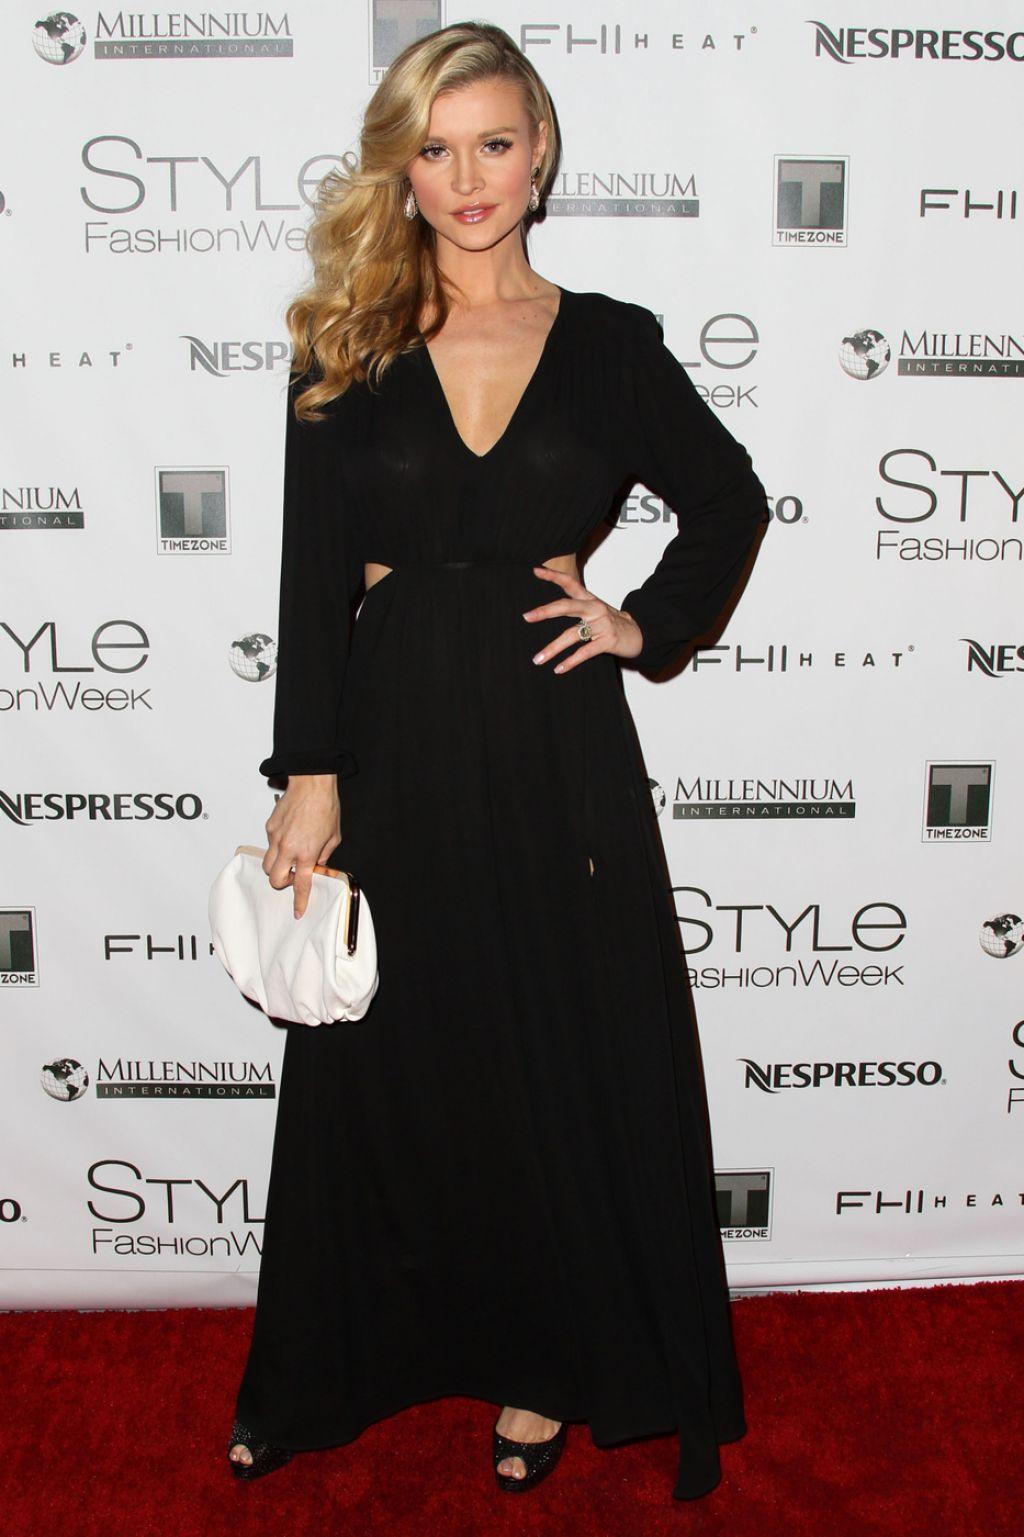 Joanna krupa in los angeles style fashion week march 2014 Style fashion week in la